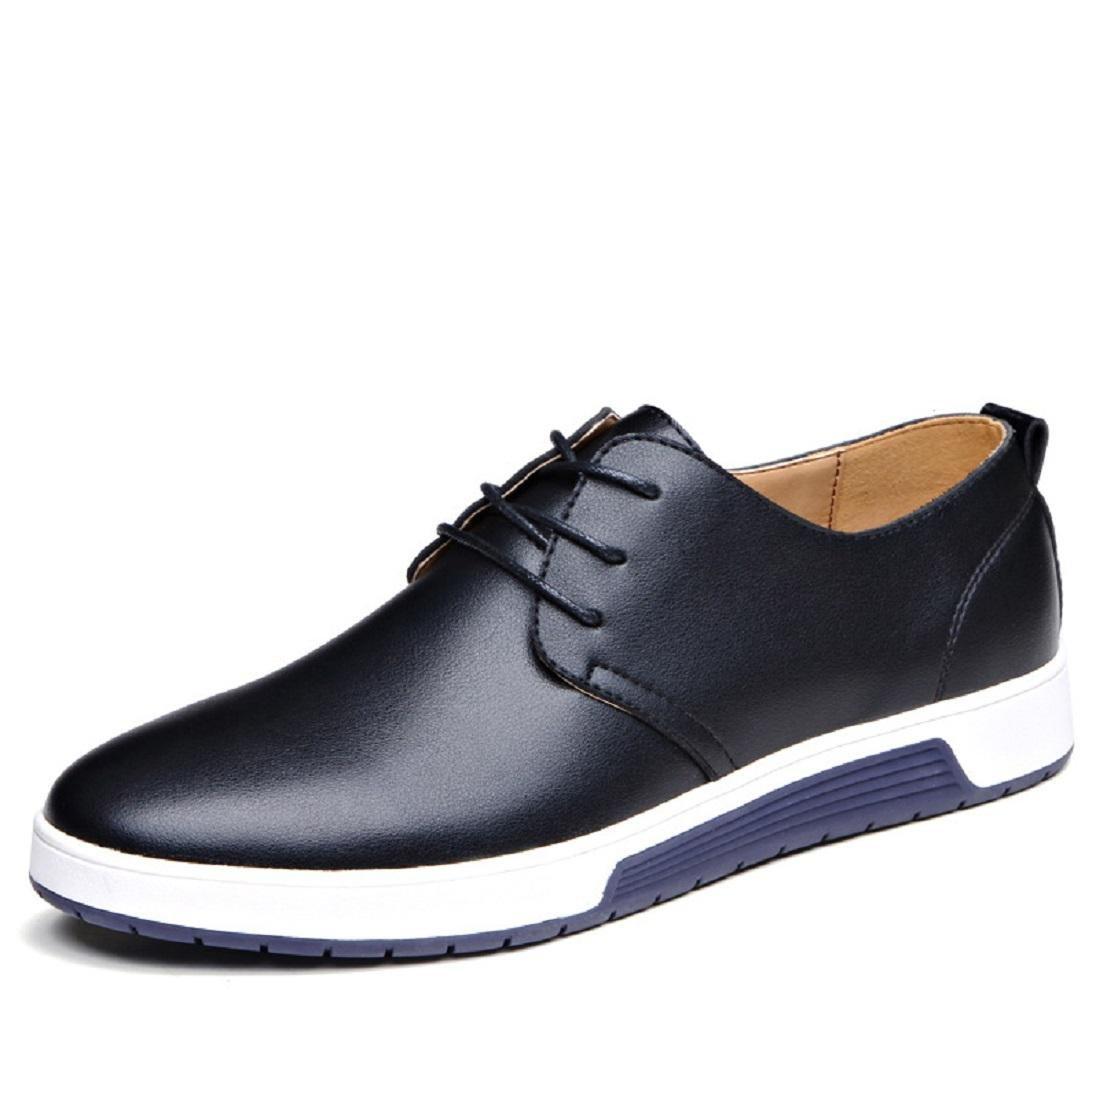 Herren Mode Das neue Licht Freizeit Lederschuhe Flache Schuhe Trainer Laufschuhe Gemütlich Große Größe Rutschfest EUR GRÖSSE 38-47